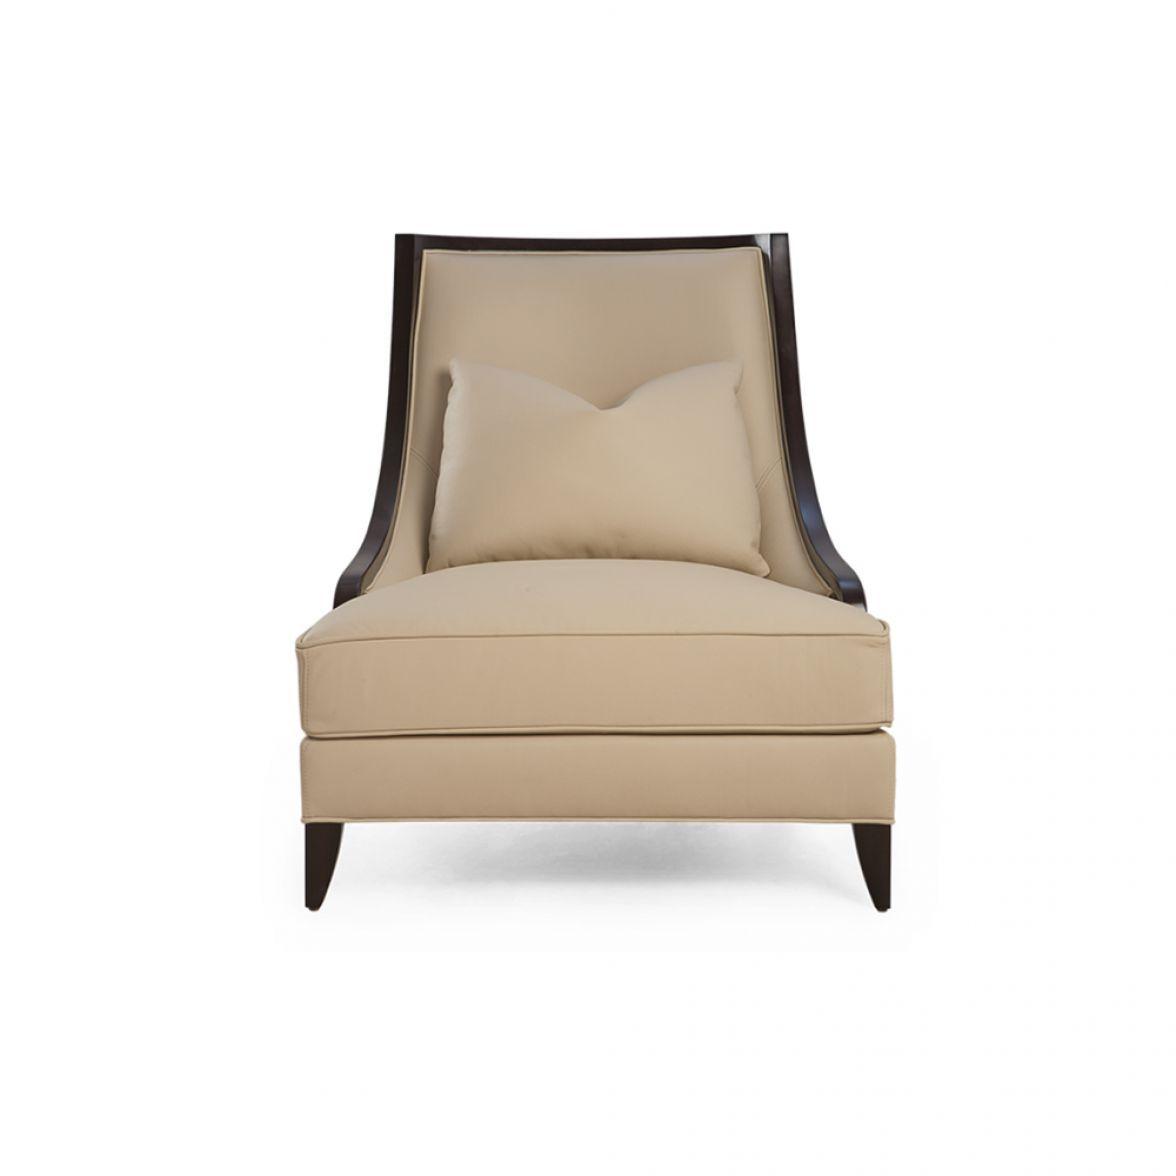 CELESTIAL chair